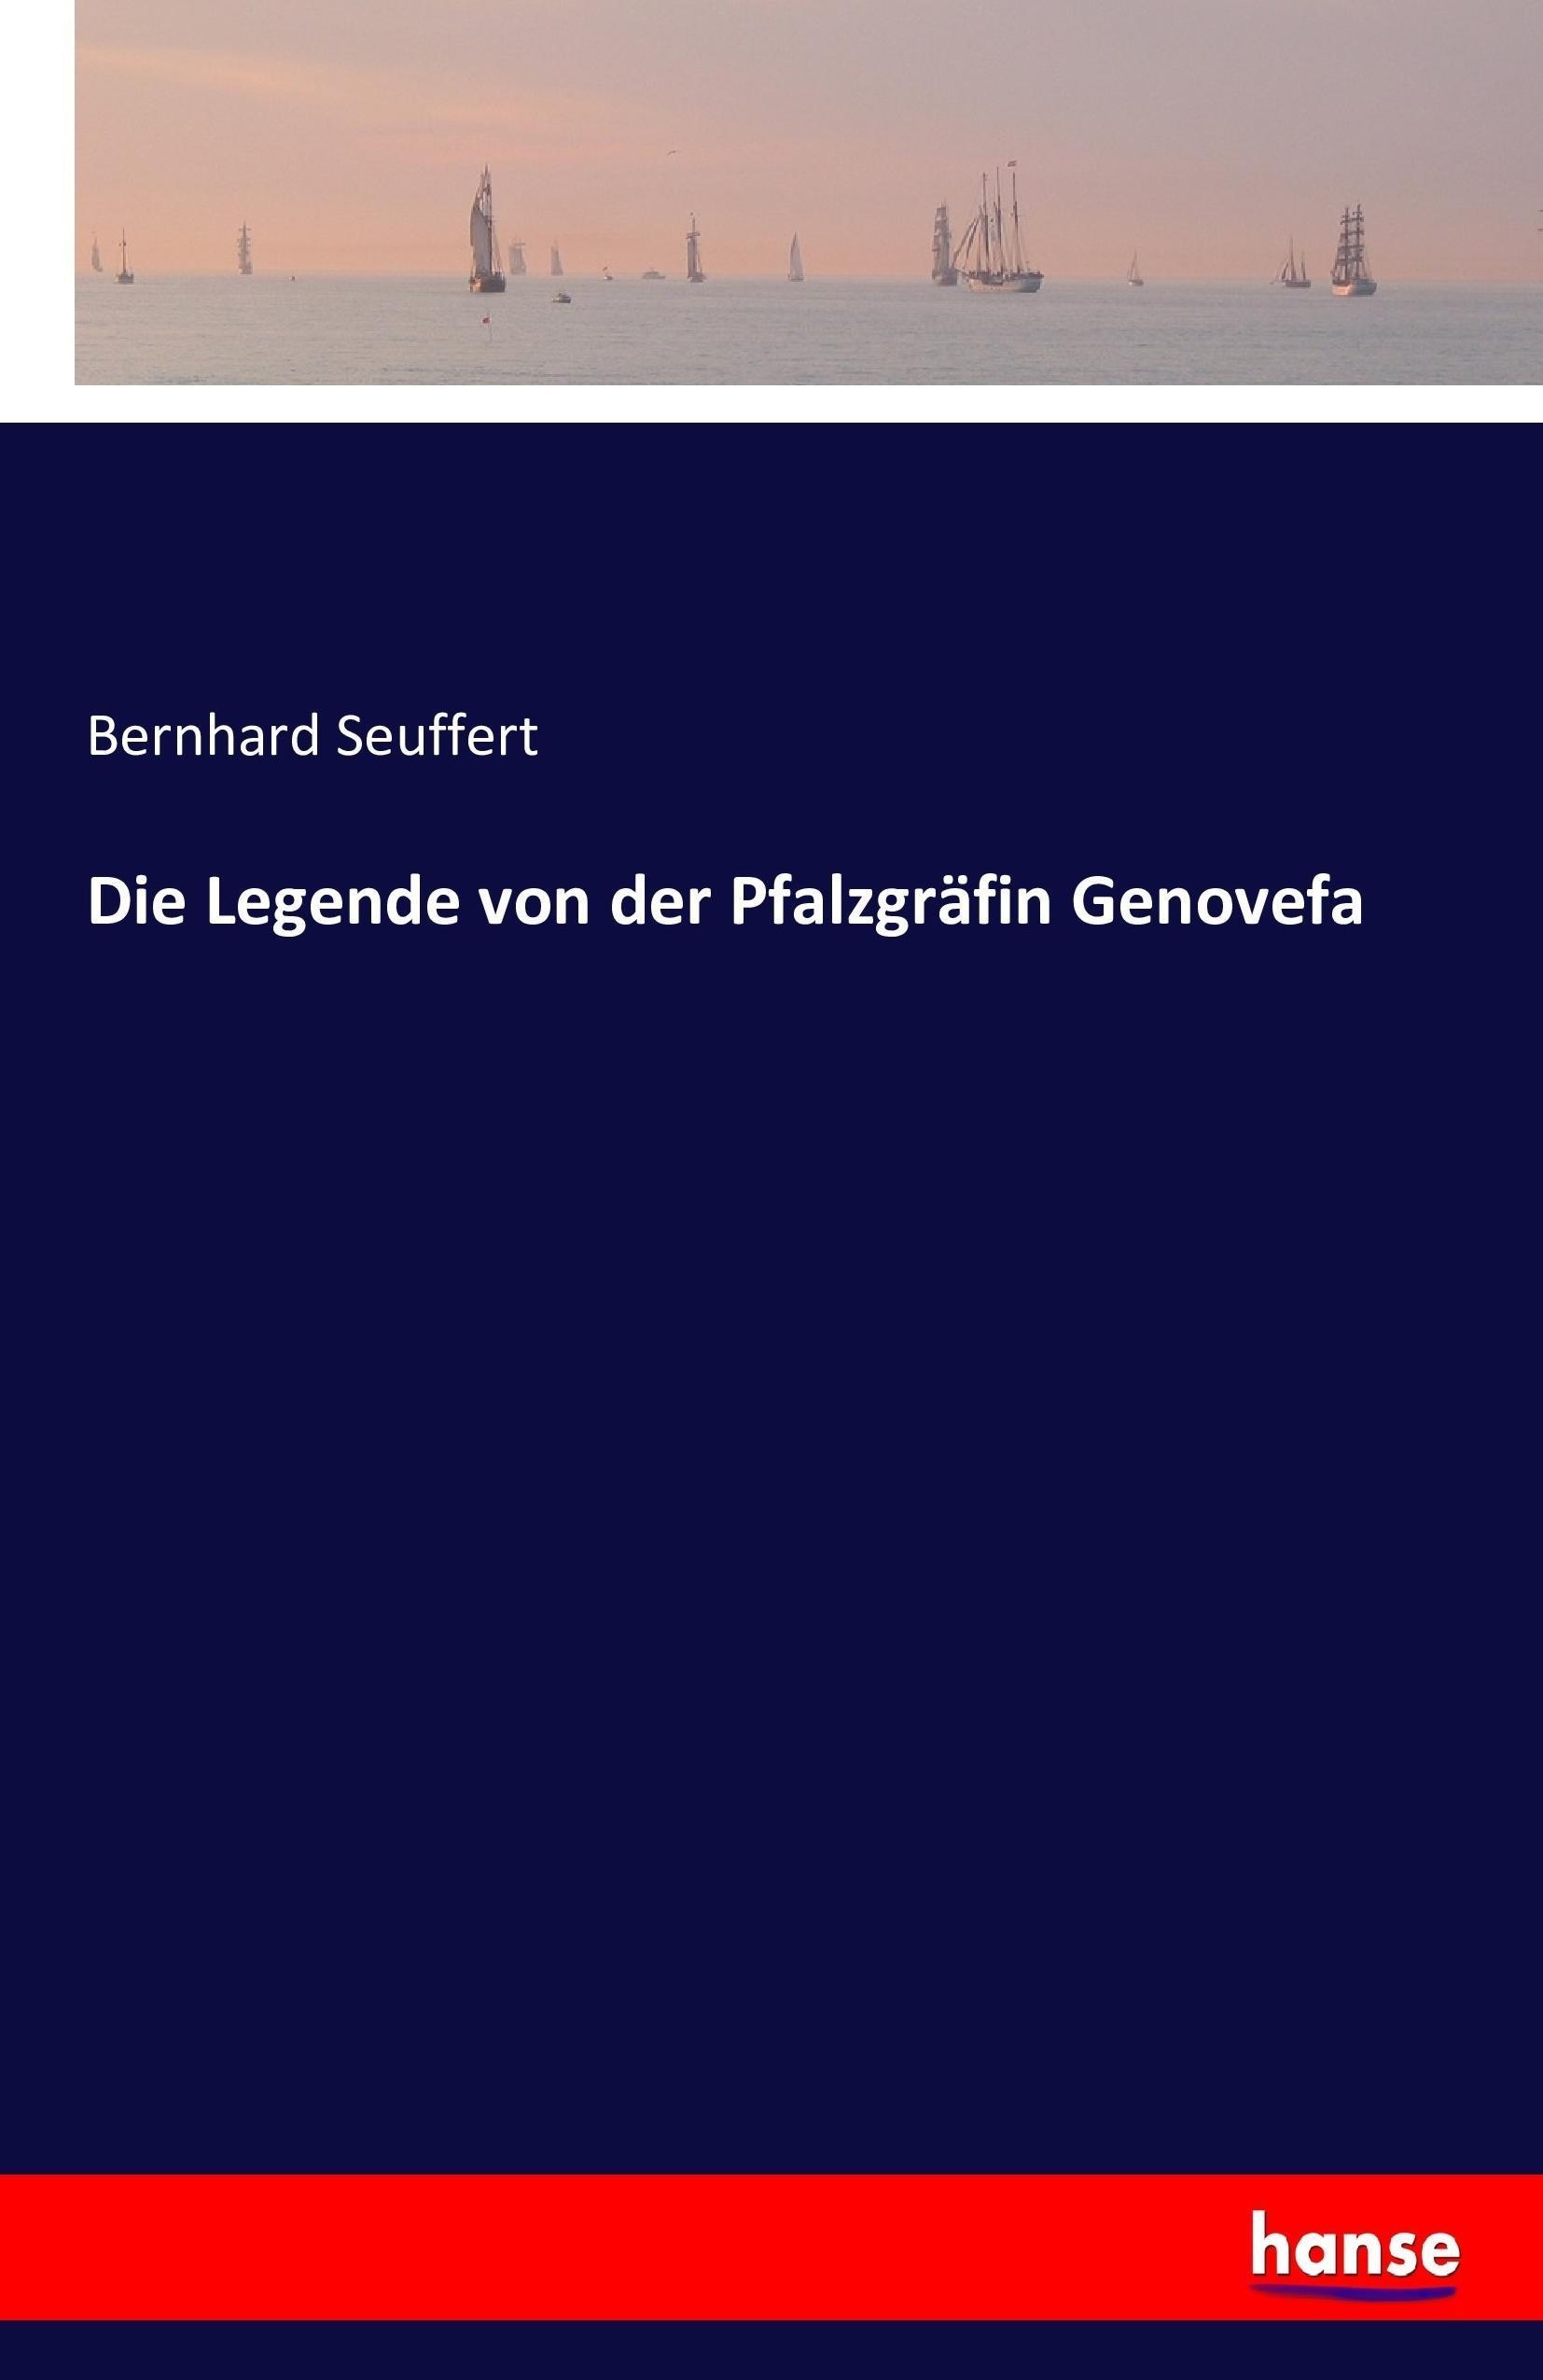 Die Legende von der Pfalzgräfin Genovefa | Bernhard Seuffert |  9783743358539